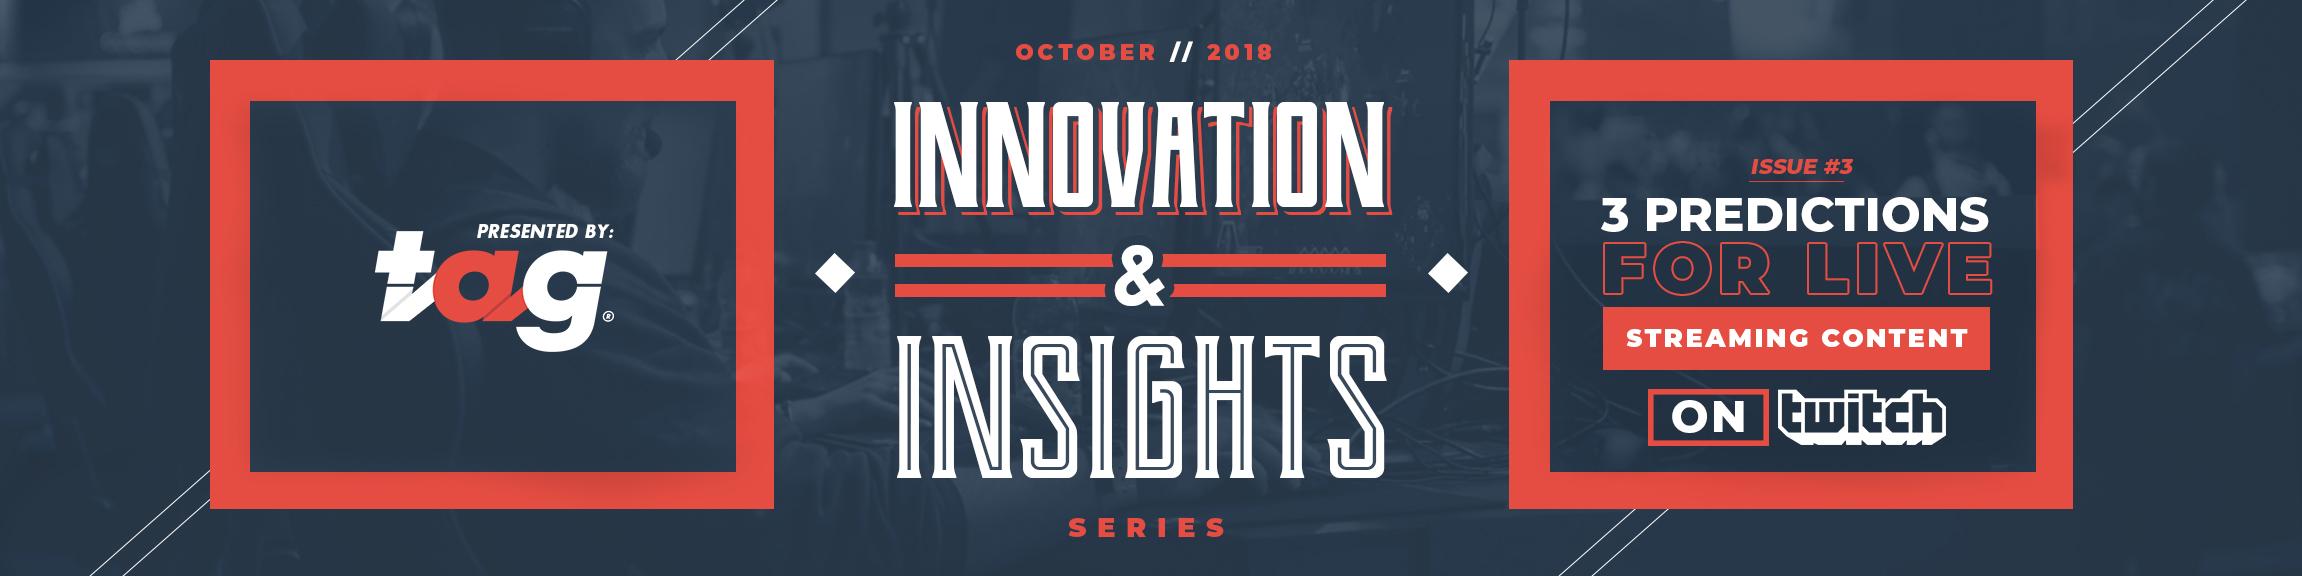 Innovation&Insights-streaming.jpg